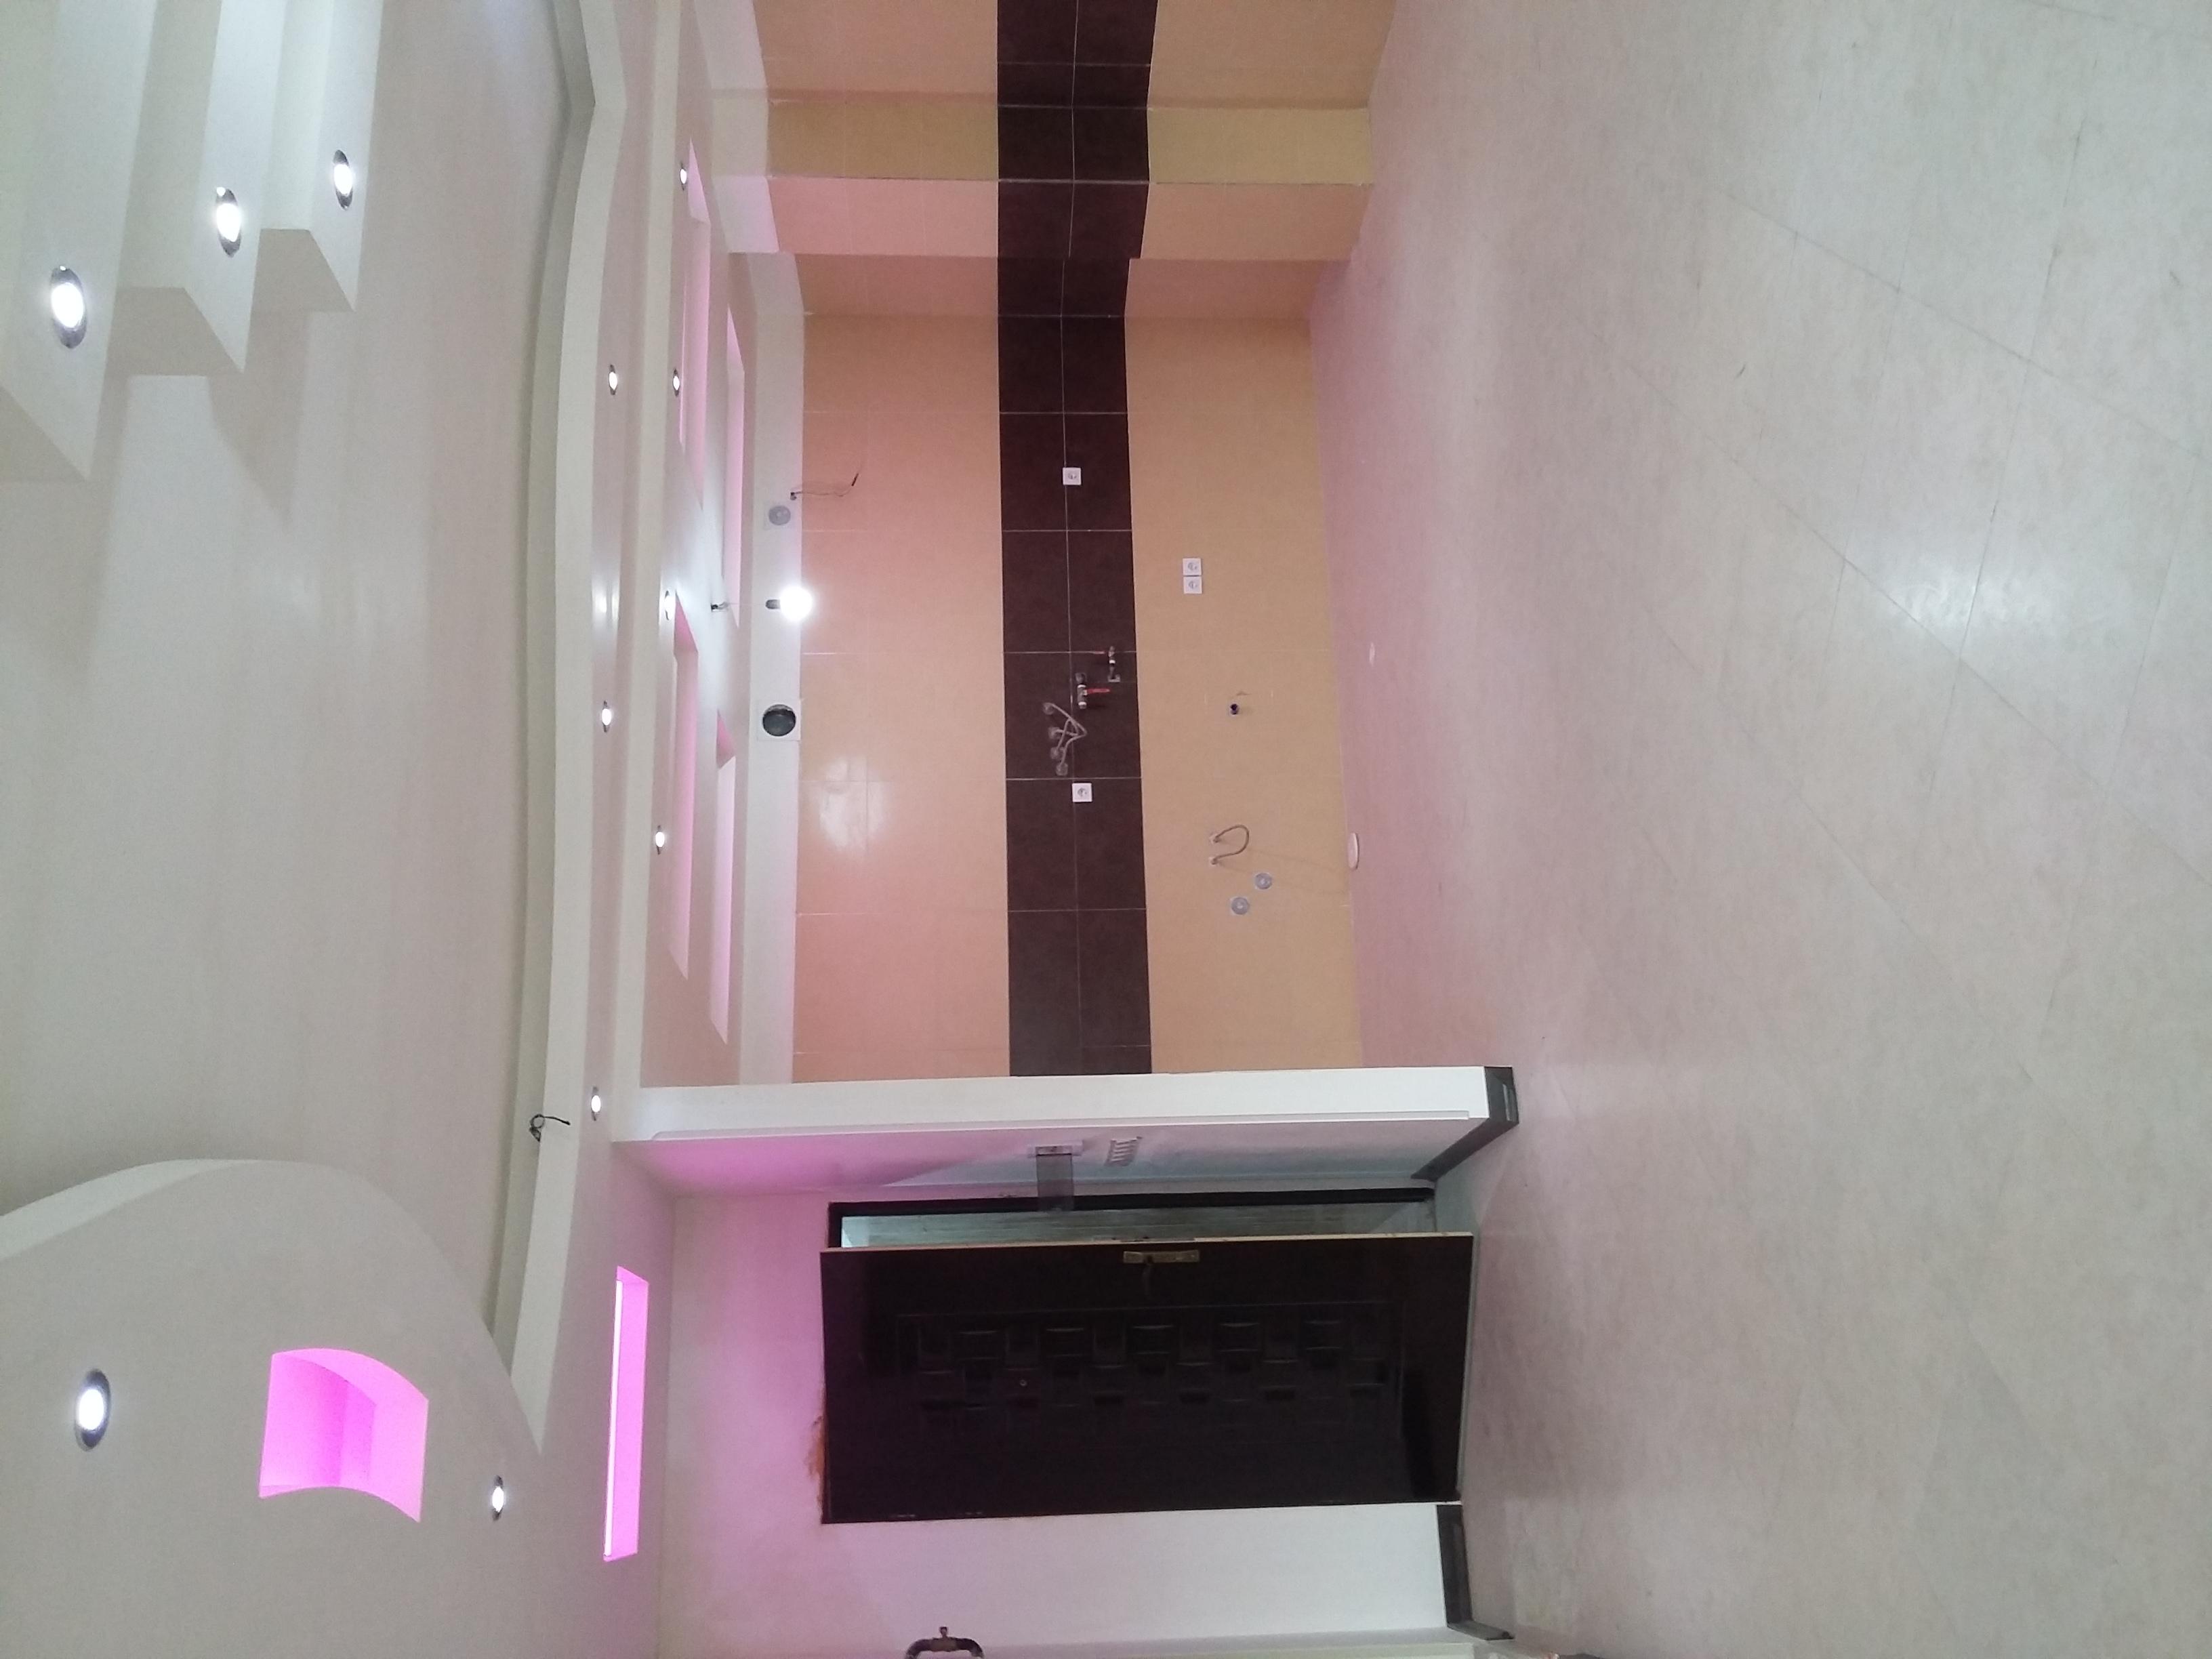 آپارتمان ۷۸ متری نوساز شهرک مریم جهت فروش